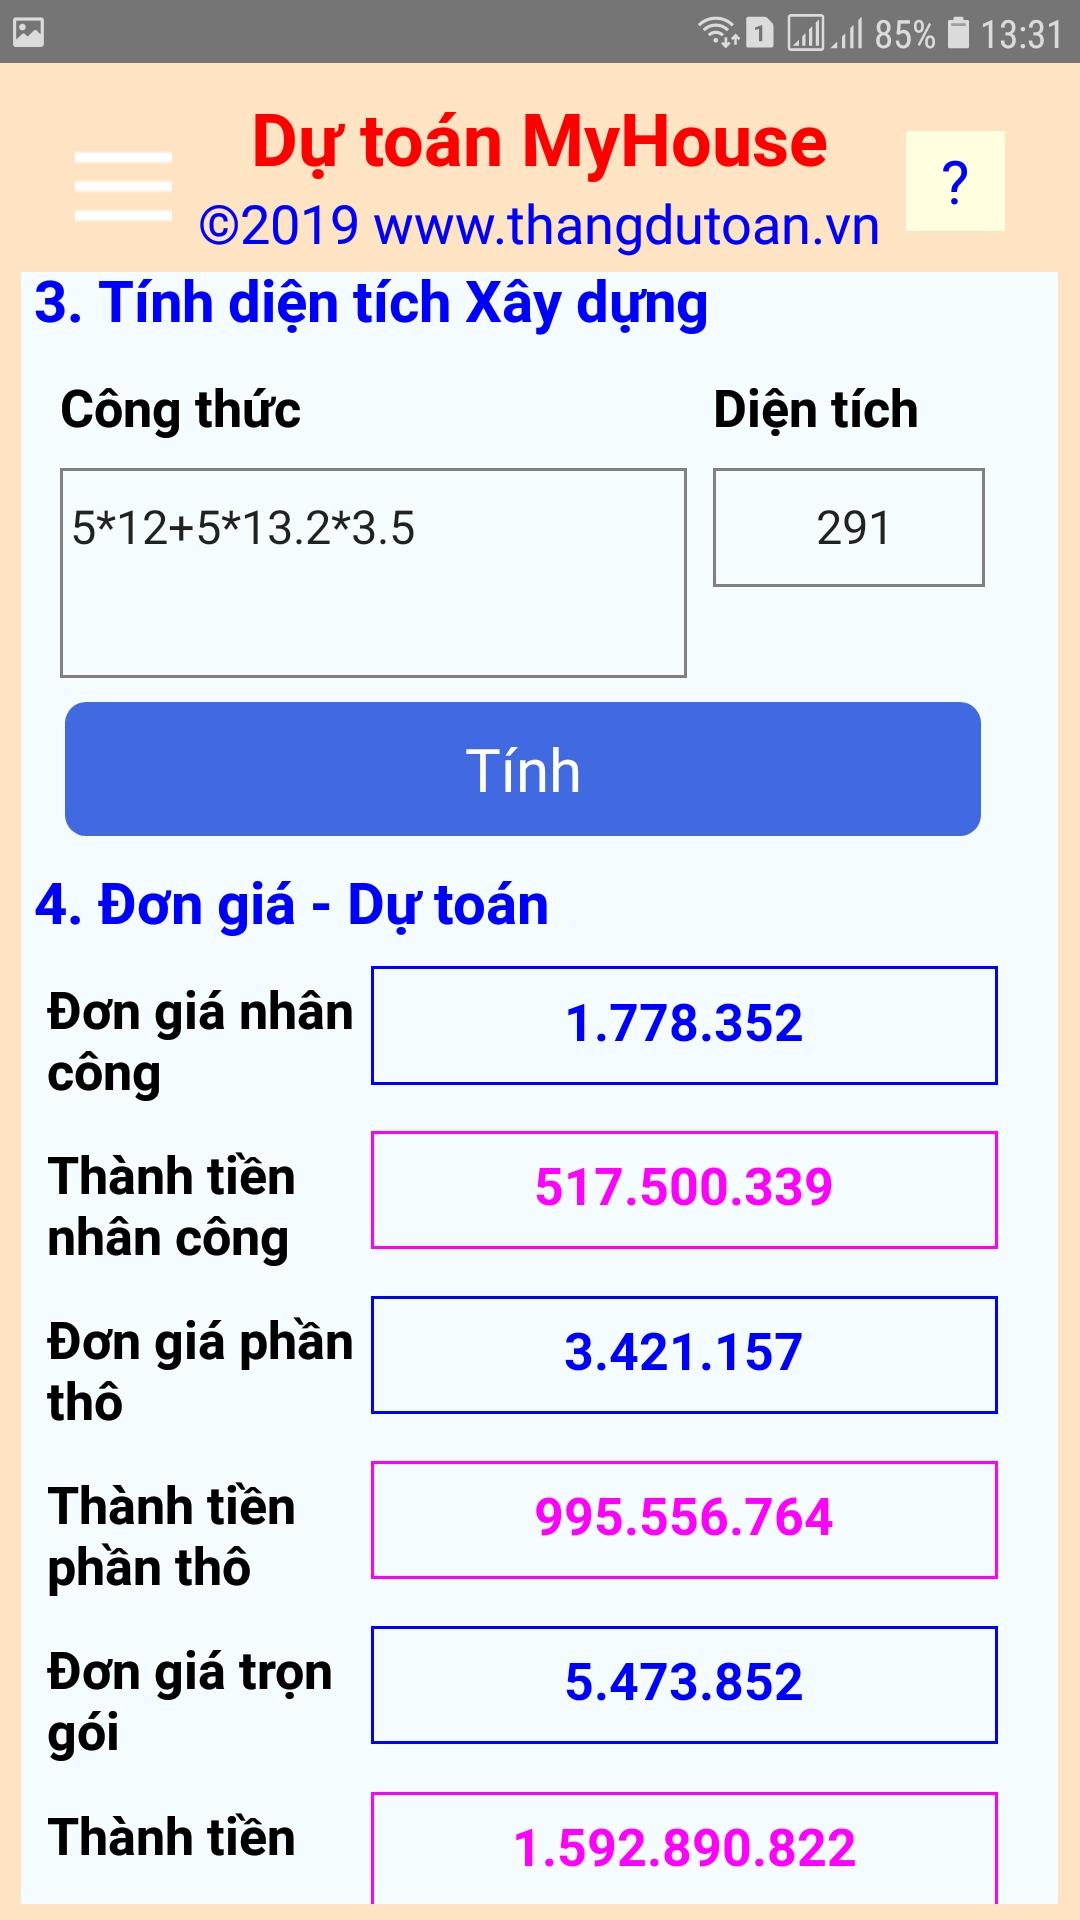 Dự toán MyHouse - App cho điện thoại và MTB